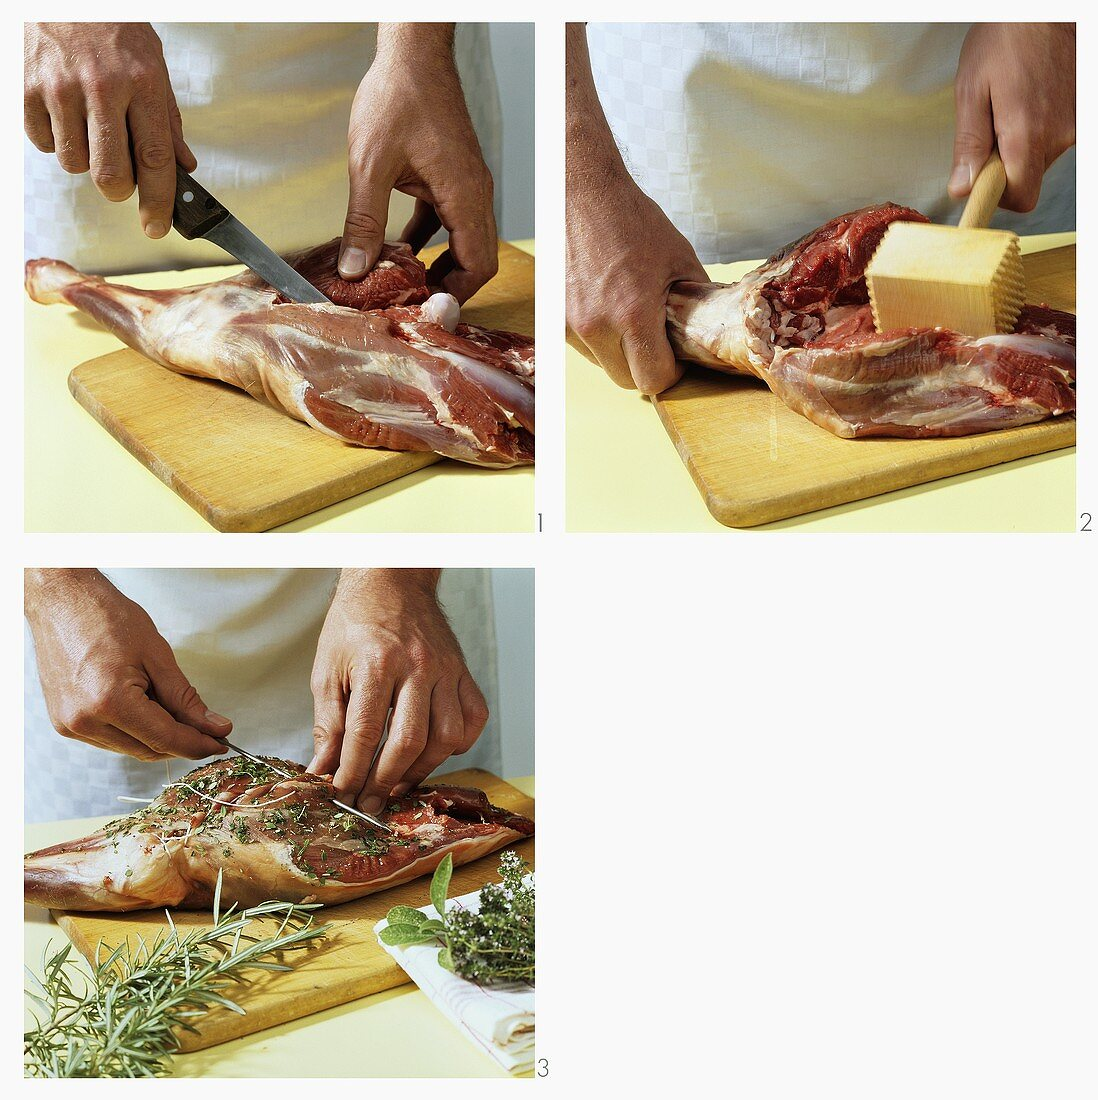 Preparing leg of lamb